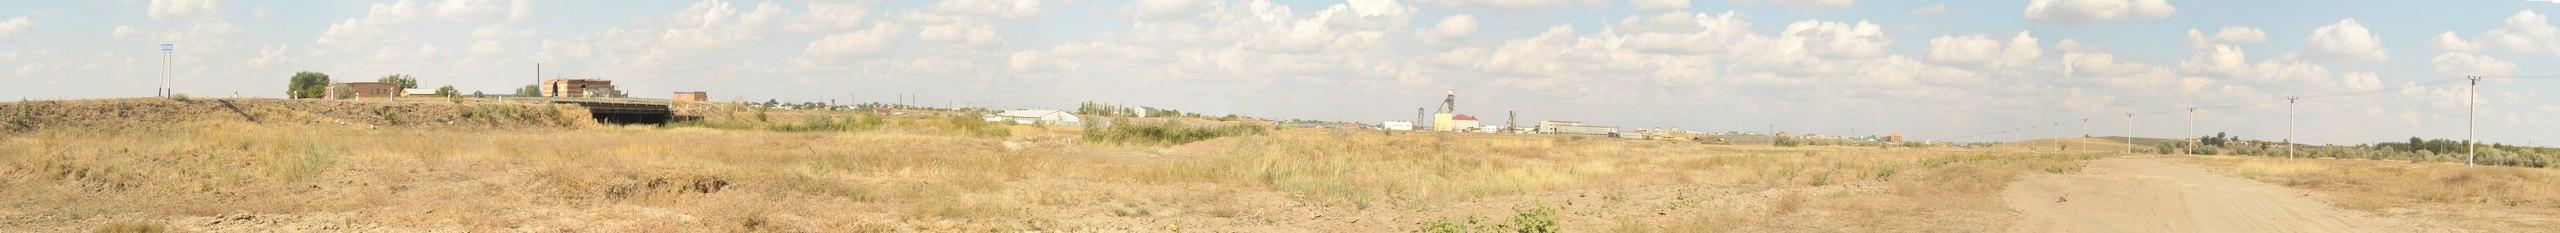 Вид на зону курорта 'Соль-Илецкие озёра' с центральной части проектируемого ТРК